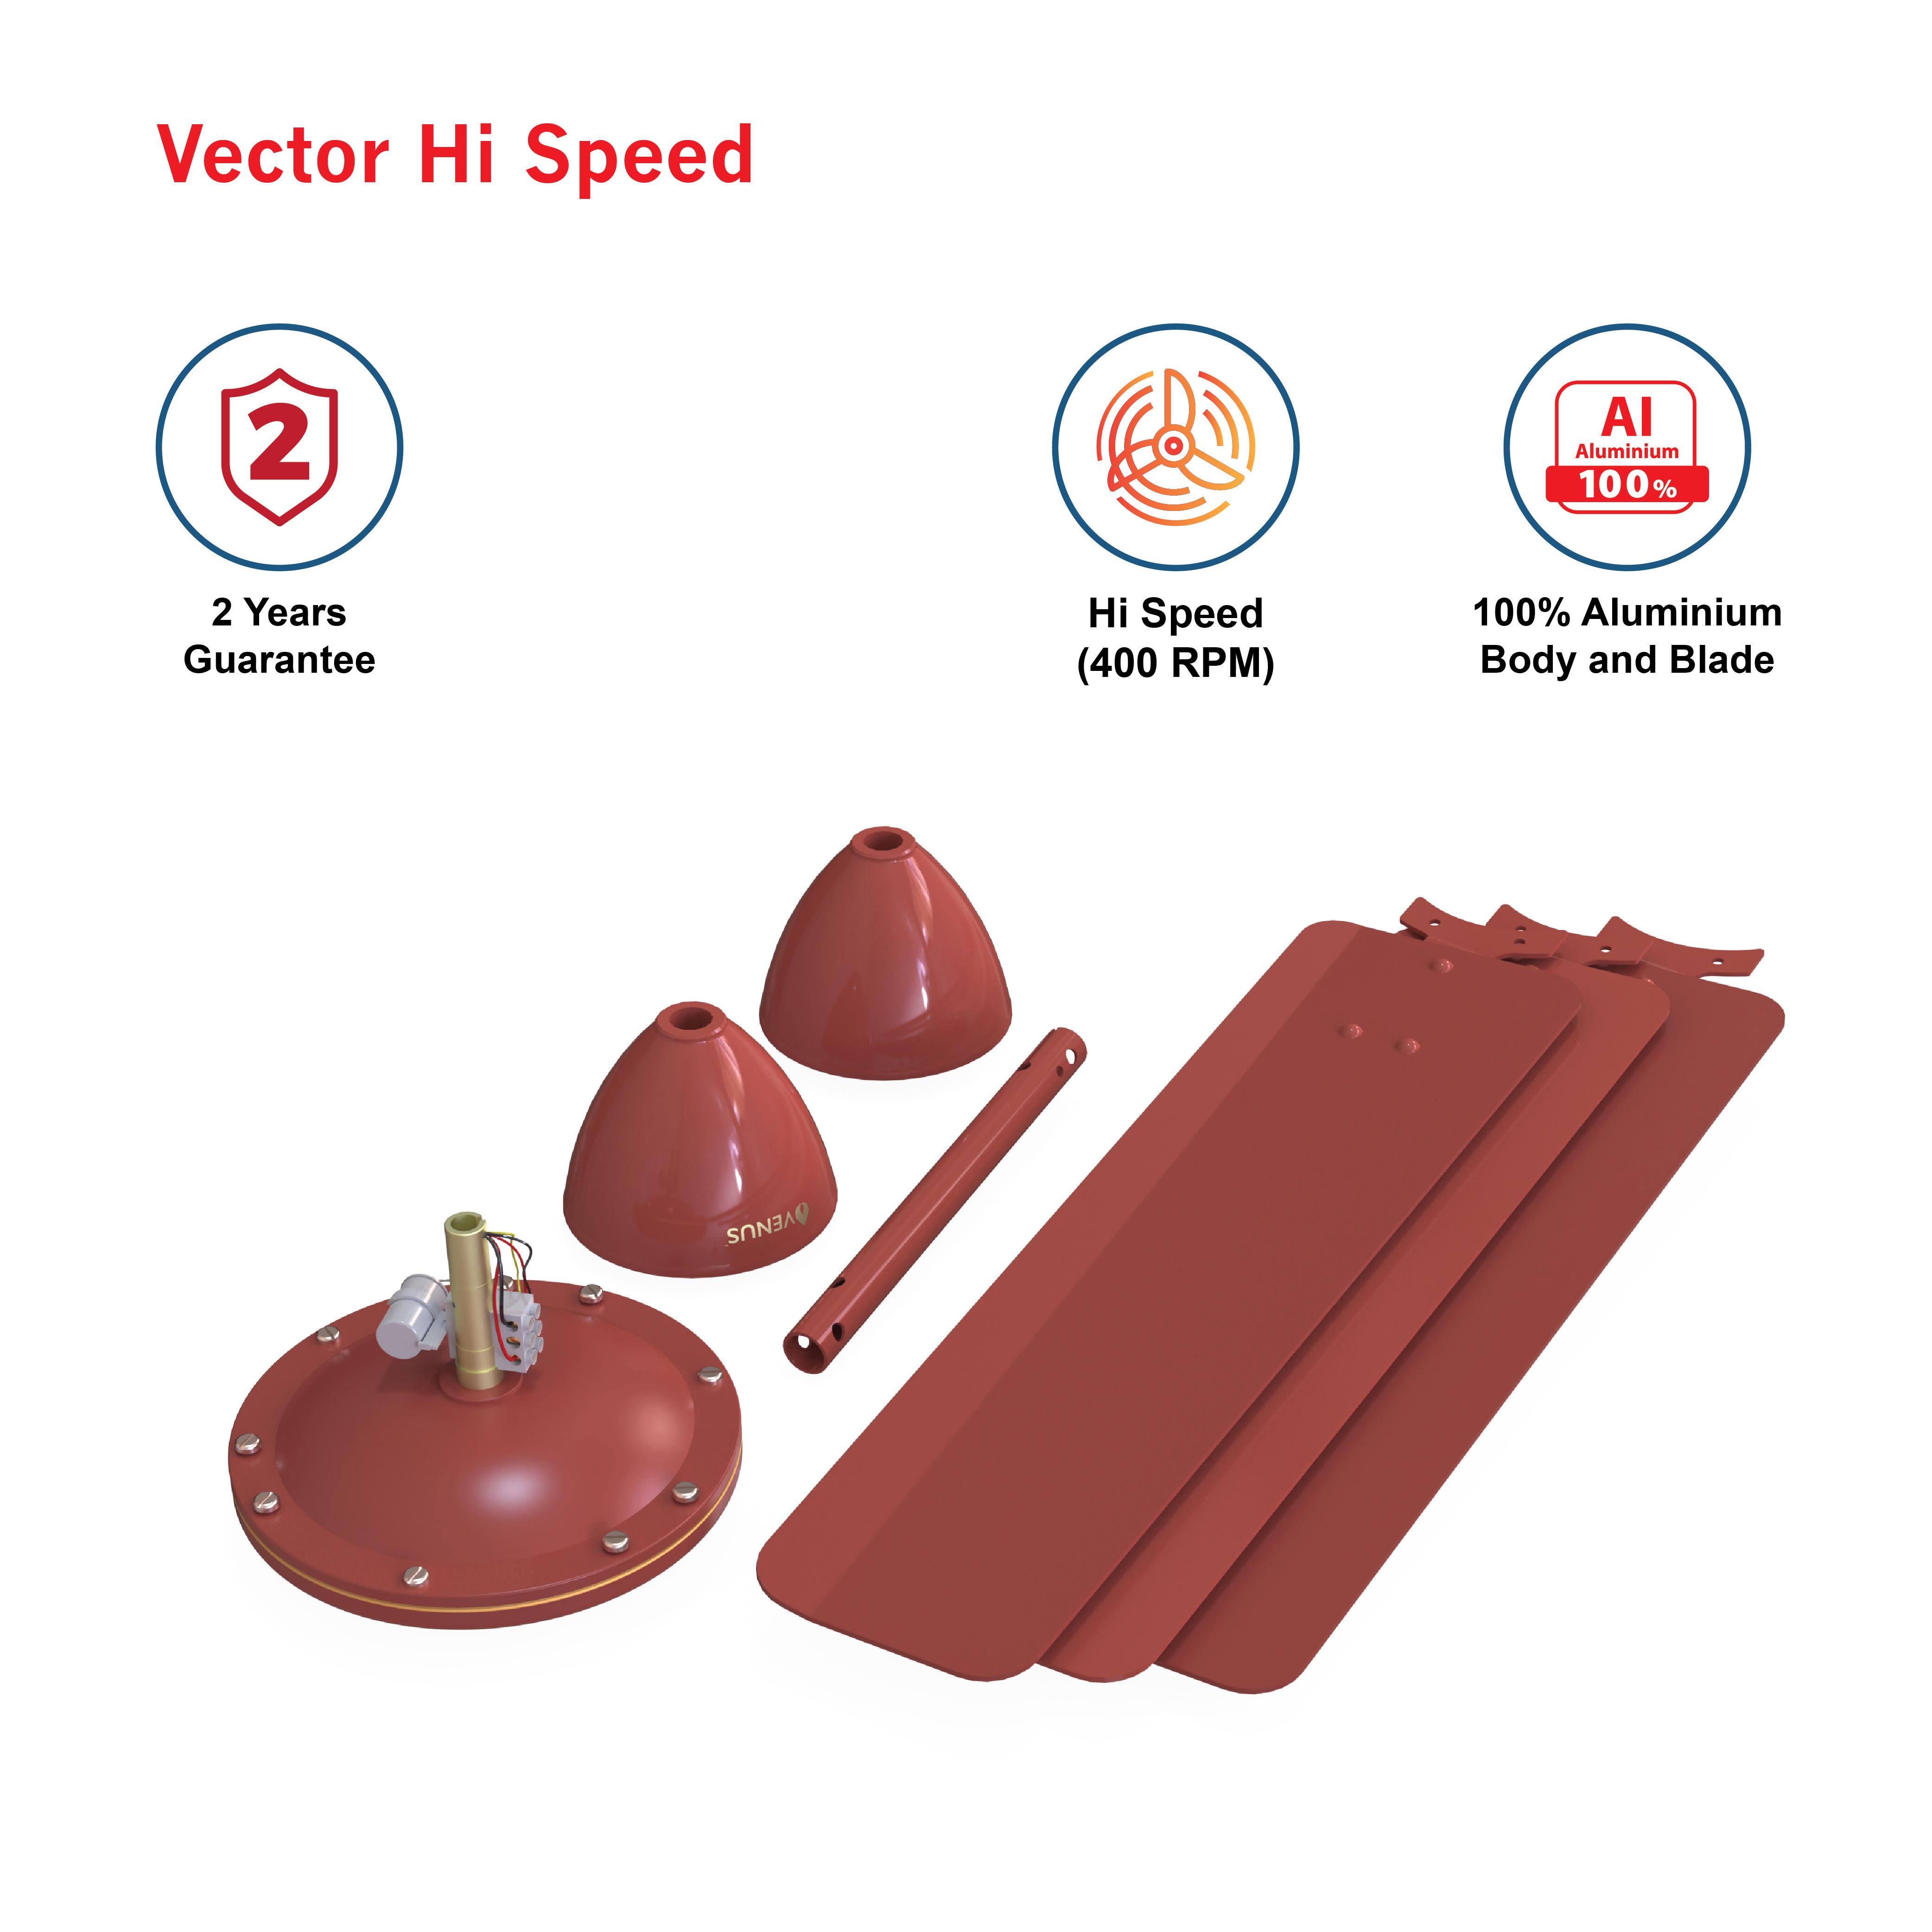 Vector-Hi-speed - V900mm